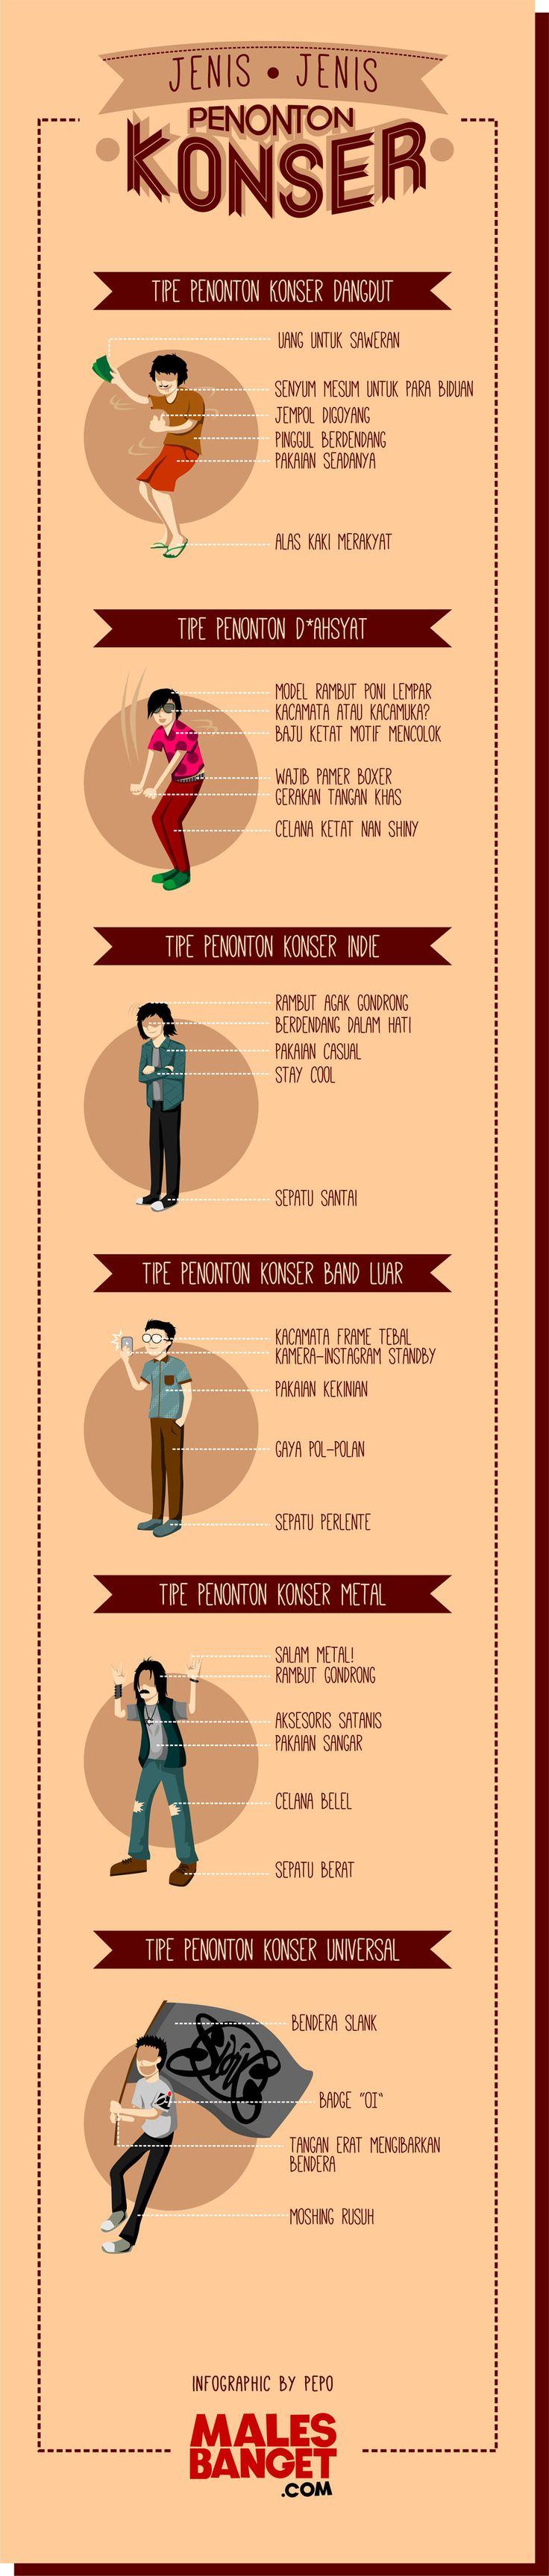 6 Jenis Penonton Konser, Berdasarkan Jenis Konsernya